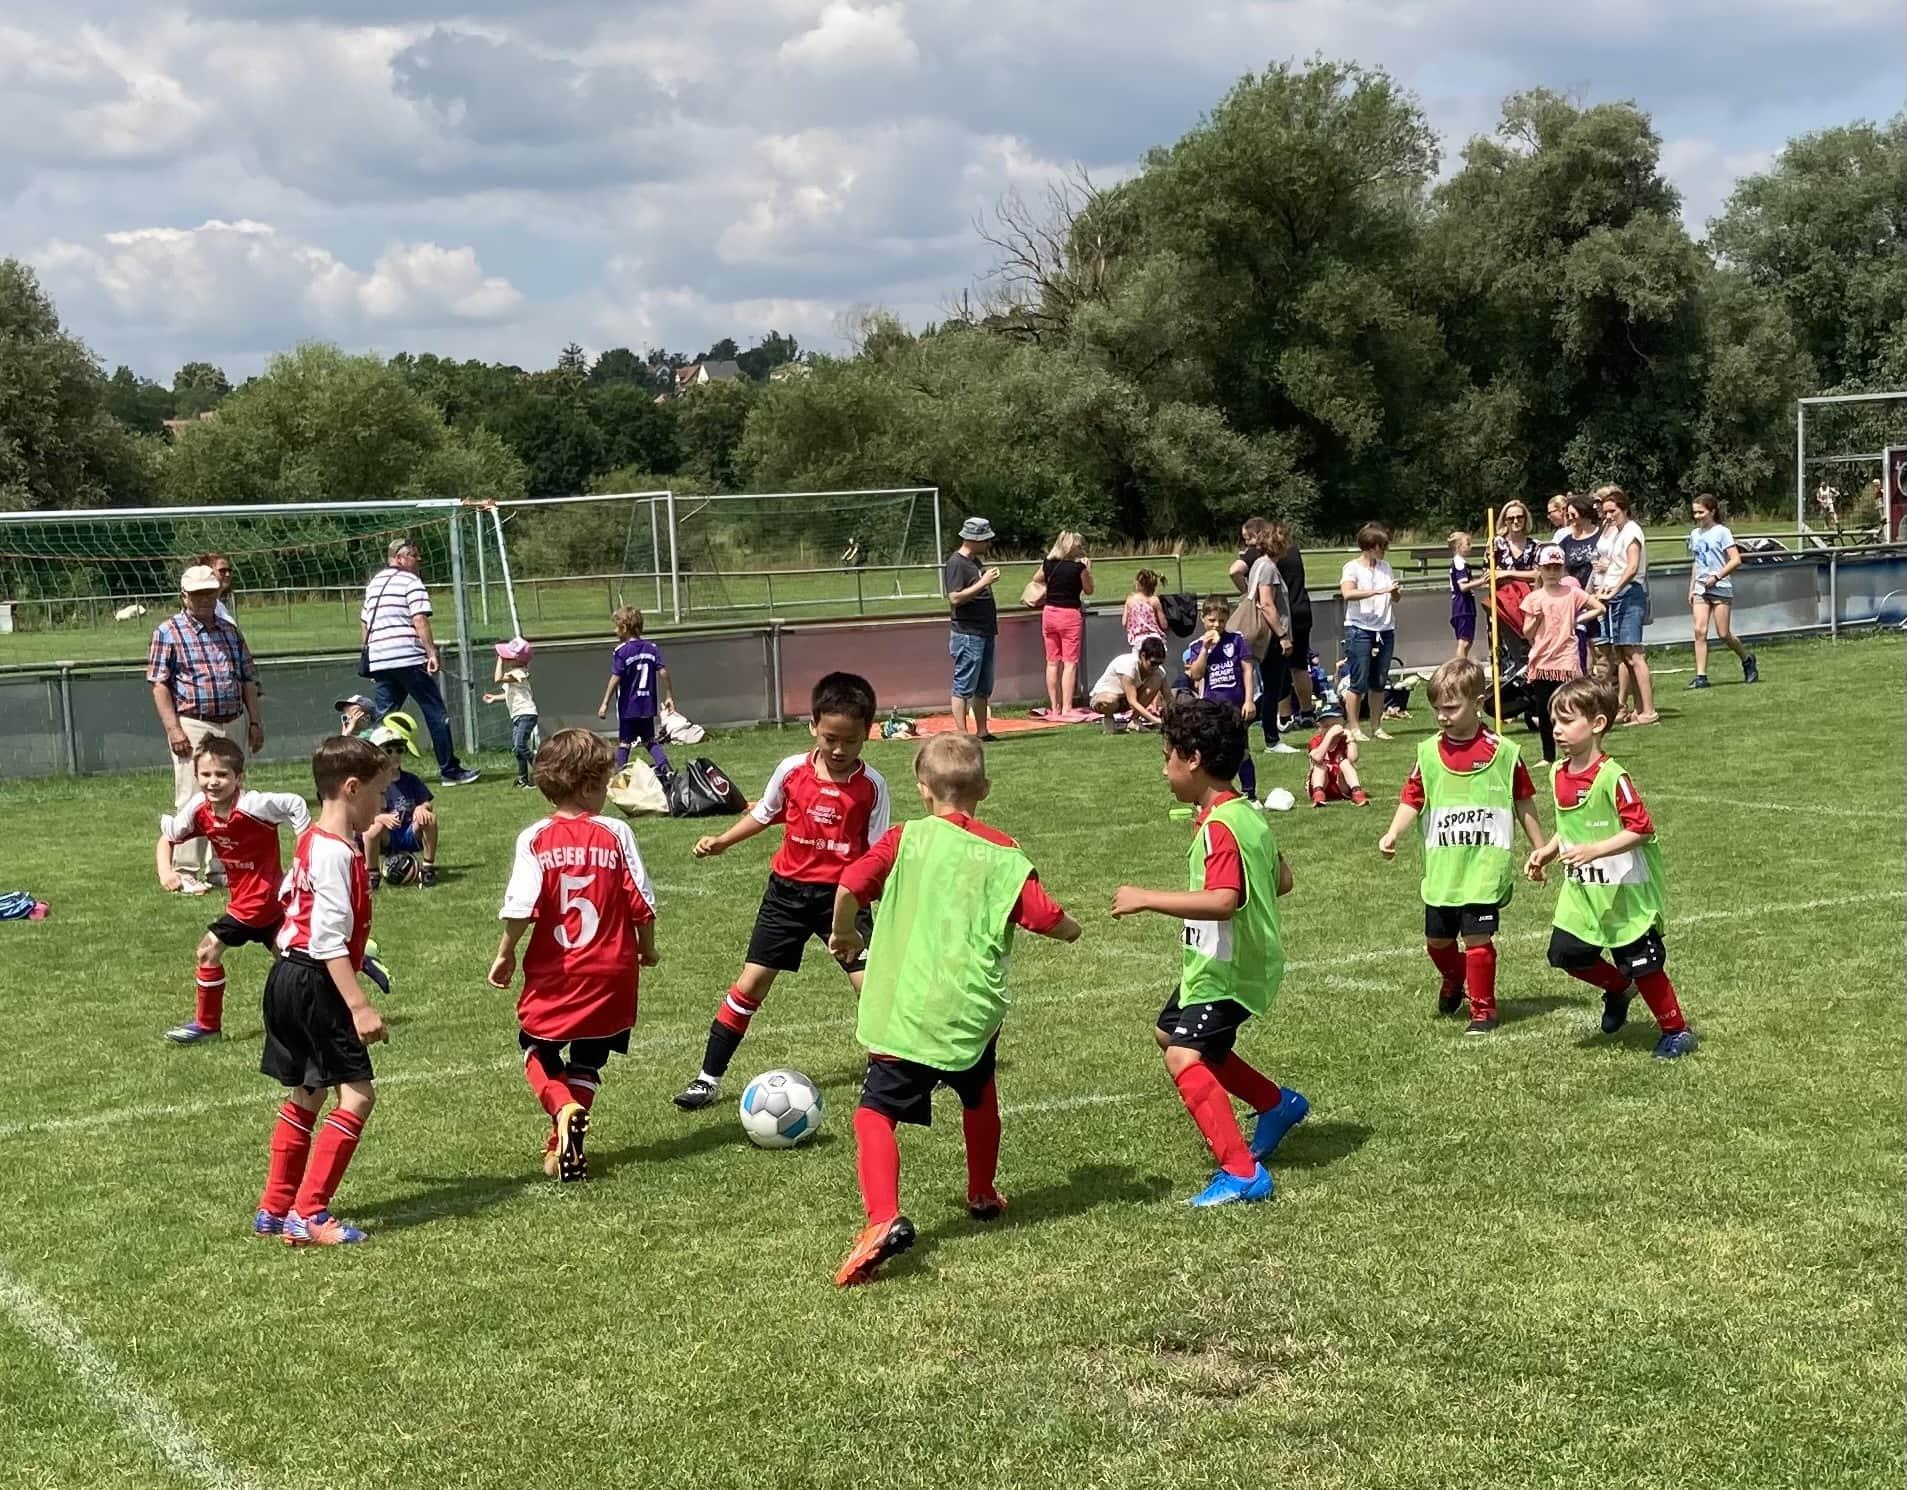 Tolle Fußballstimmung beim Jugendturnier des SV Sallern Erstmals wieder ein zweitägiges Fußballturnier